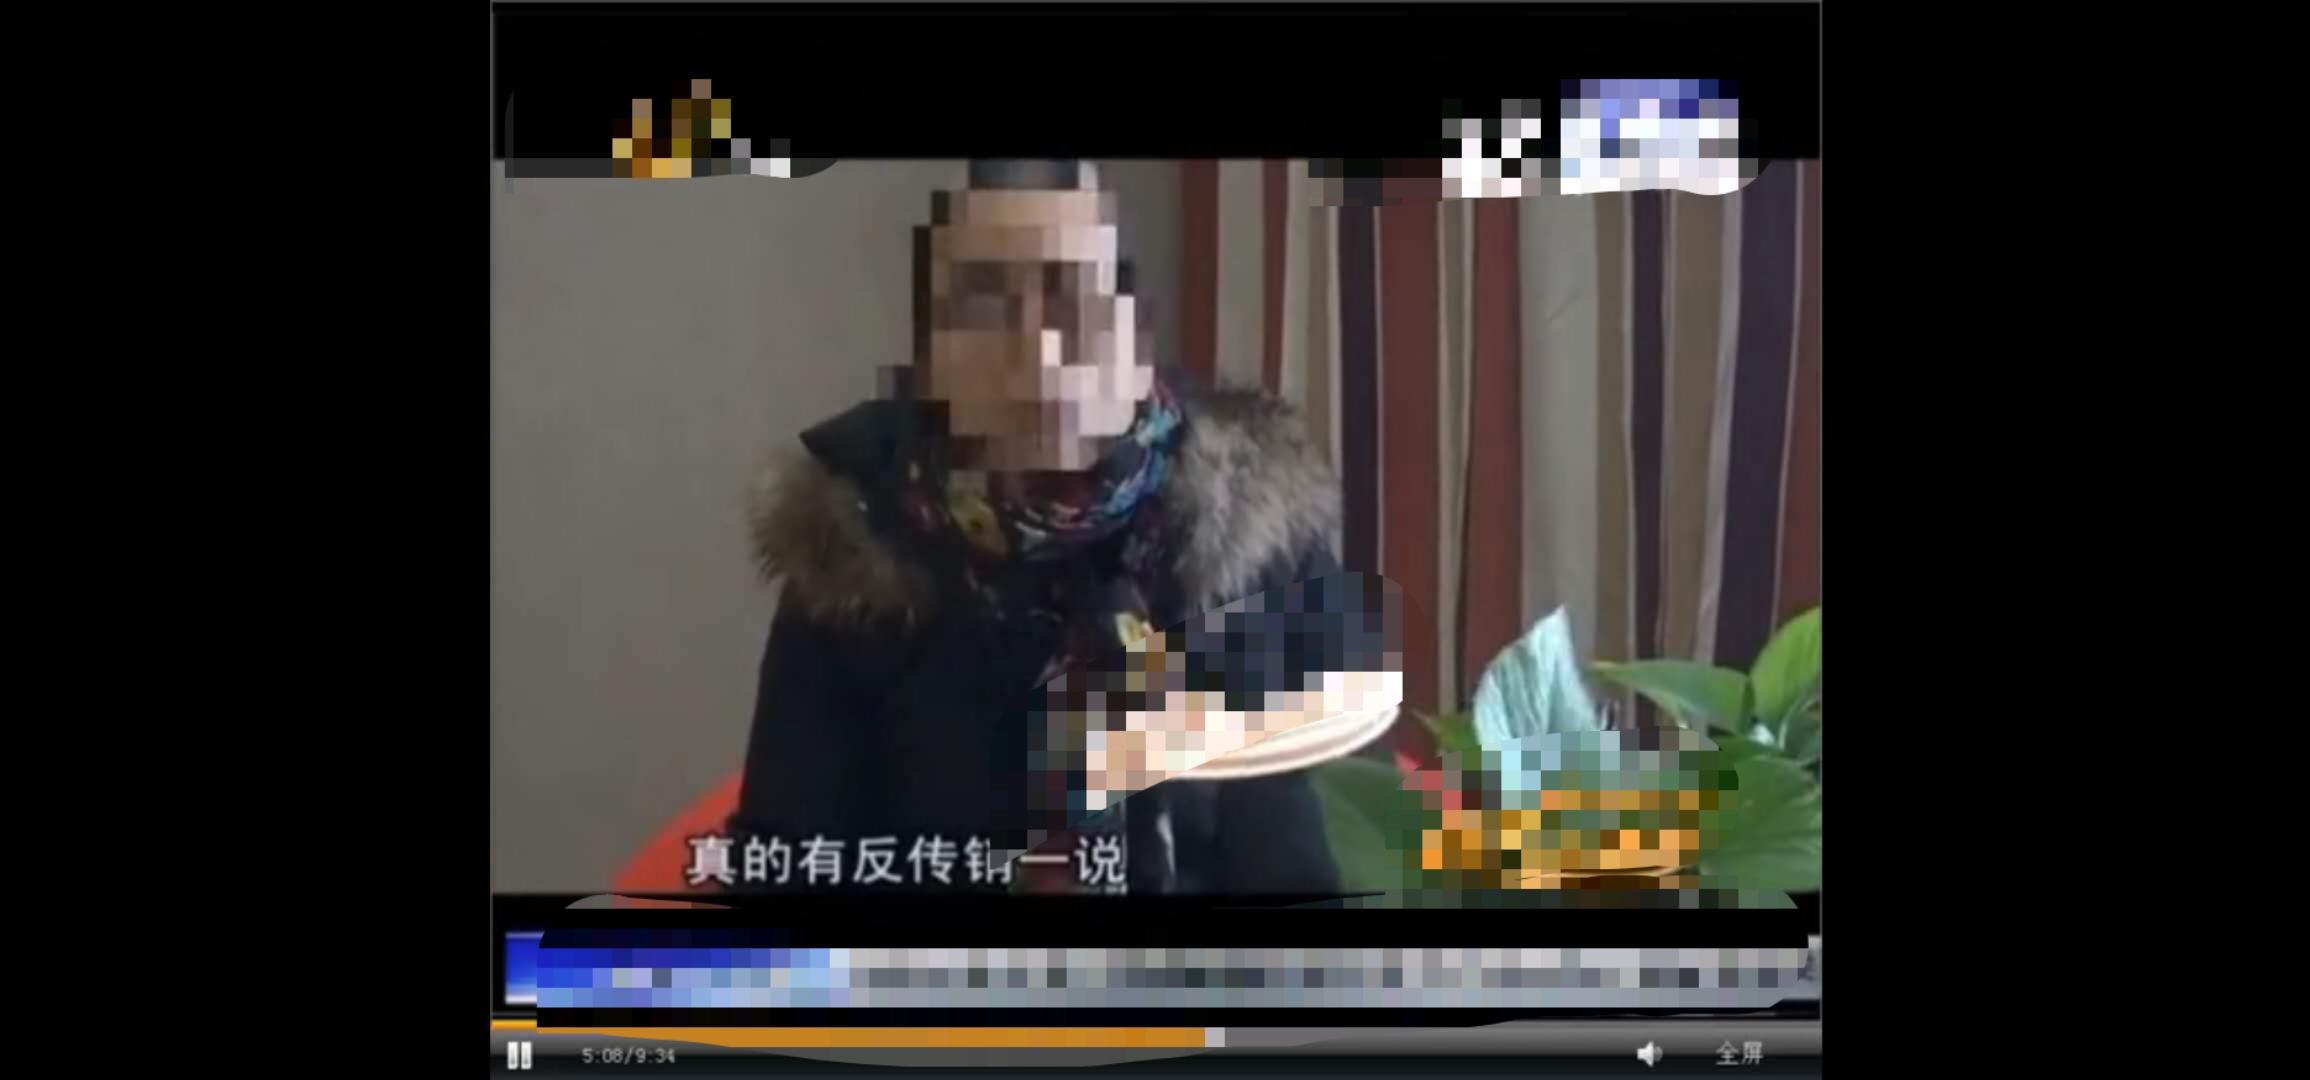 人员追踪网站_公安免费追踪网站_成都人员追踪网站